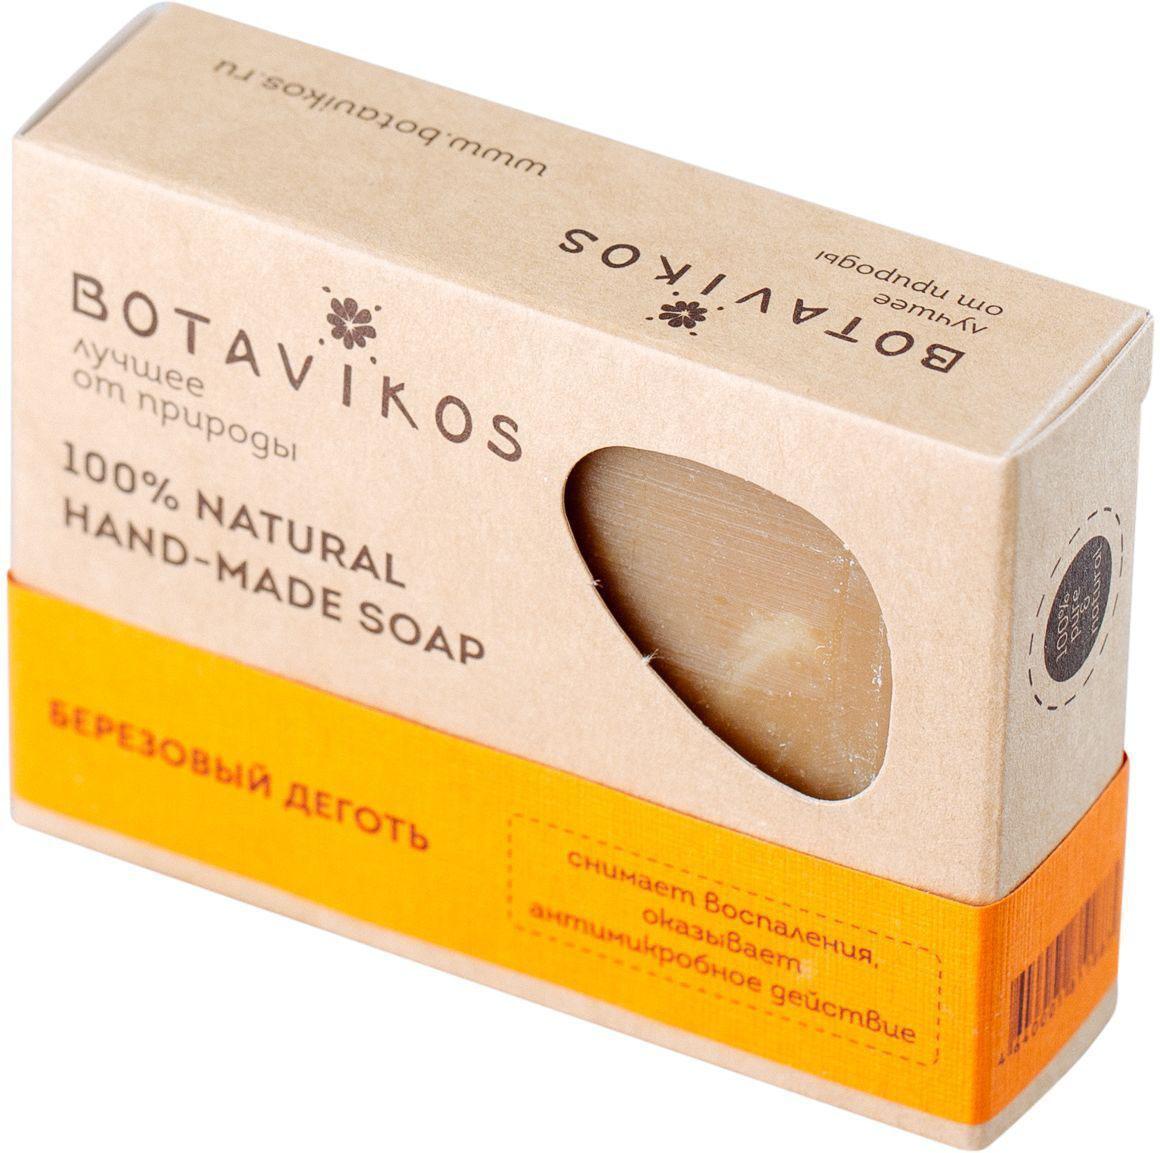 Botanika Botavikos мыло Березовый деготь 00009290